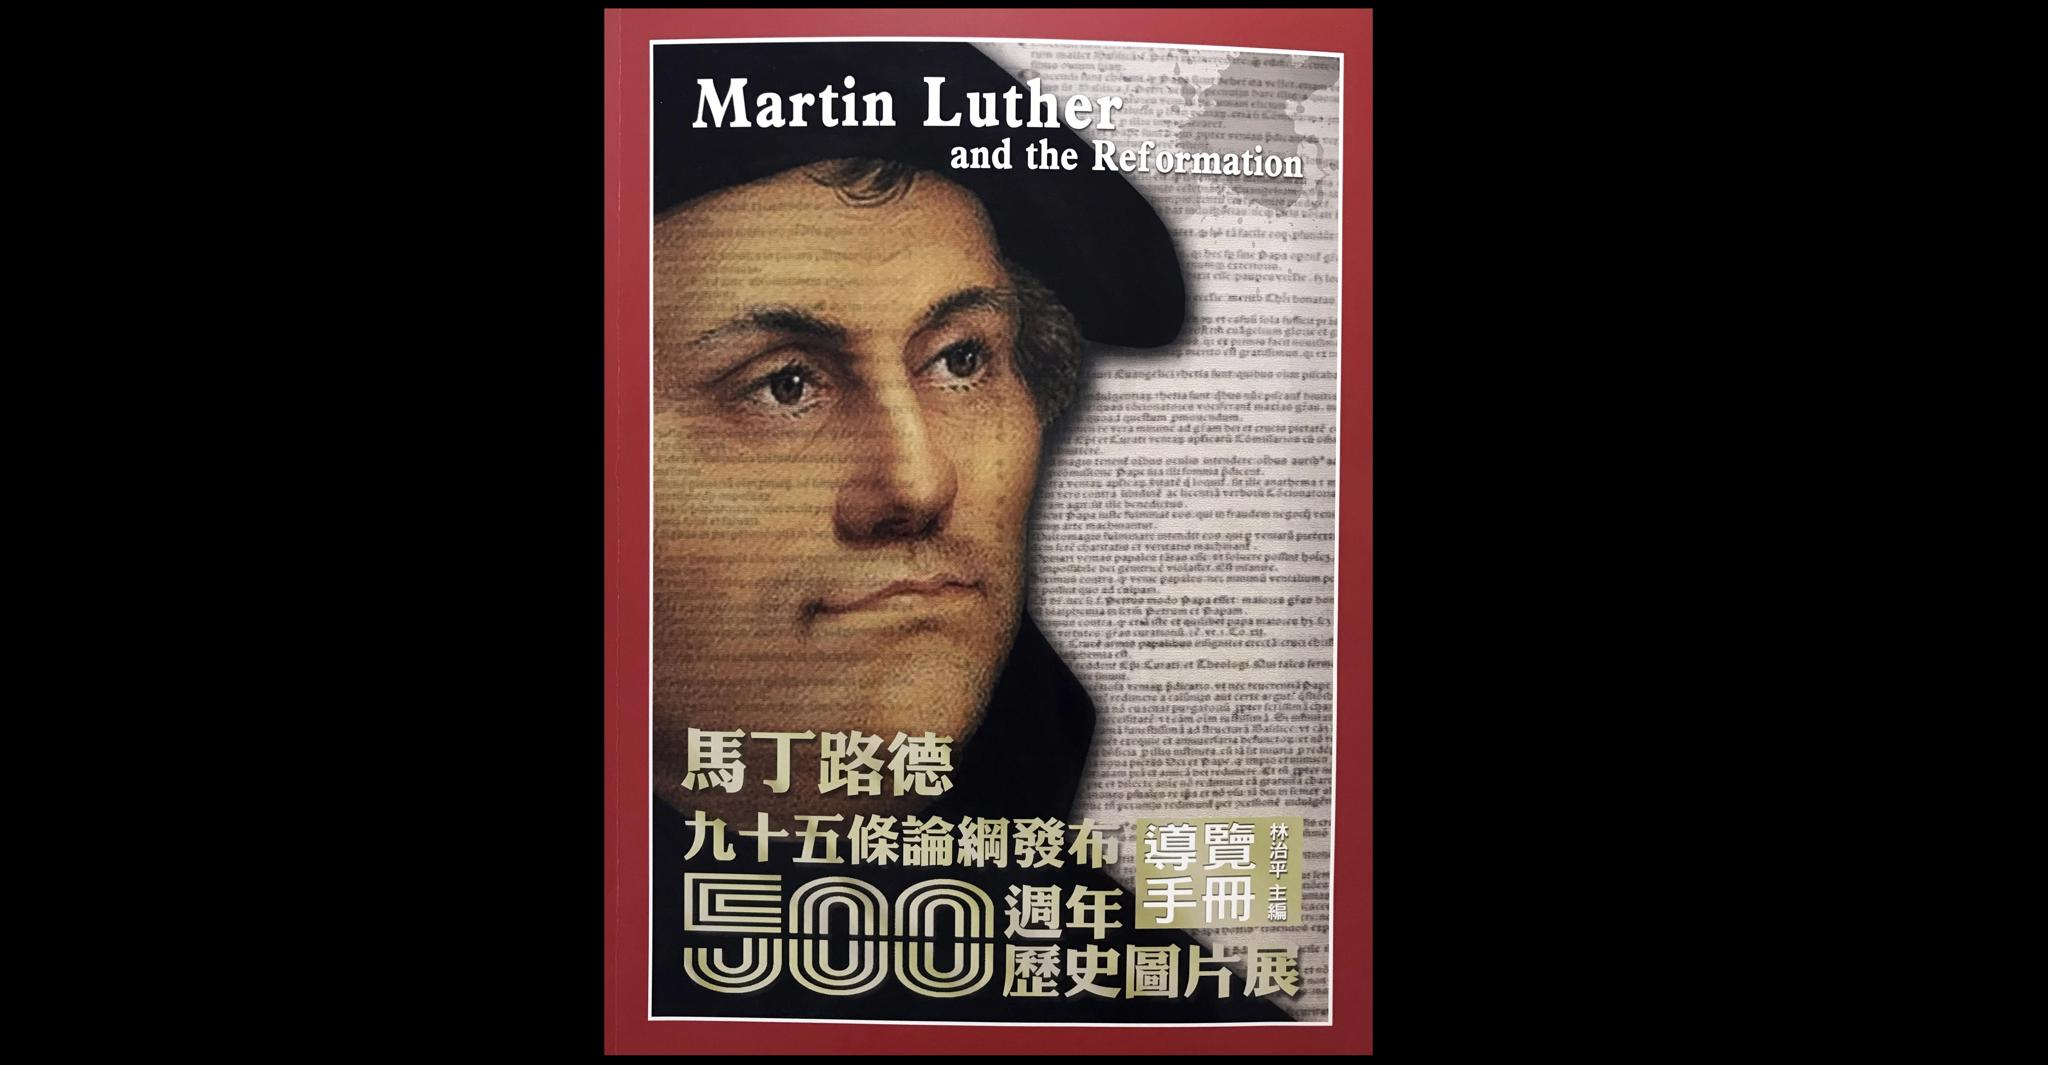 中原教育理念「尊重自然與人性的尊嚴」  傳承馬丁路德500年宗教改革精神